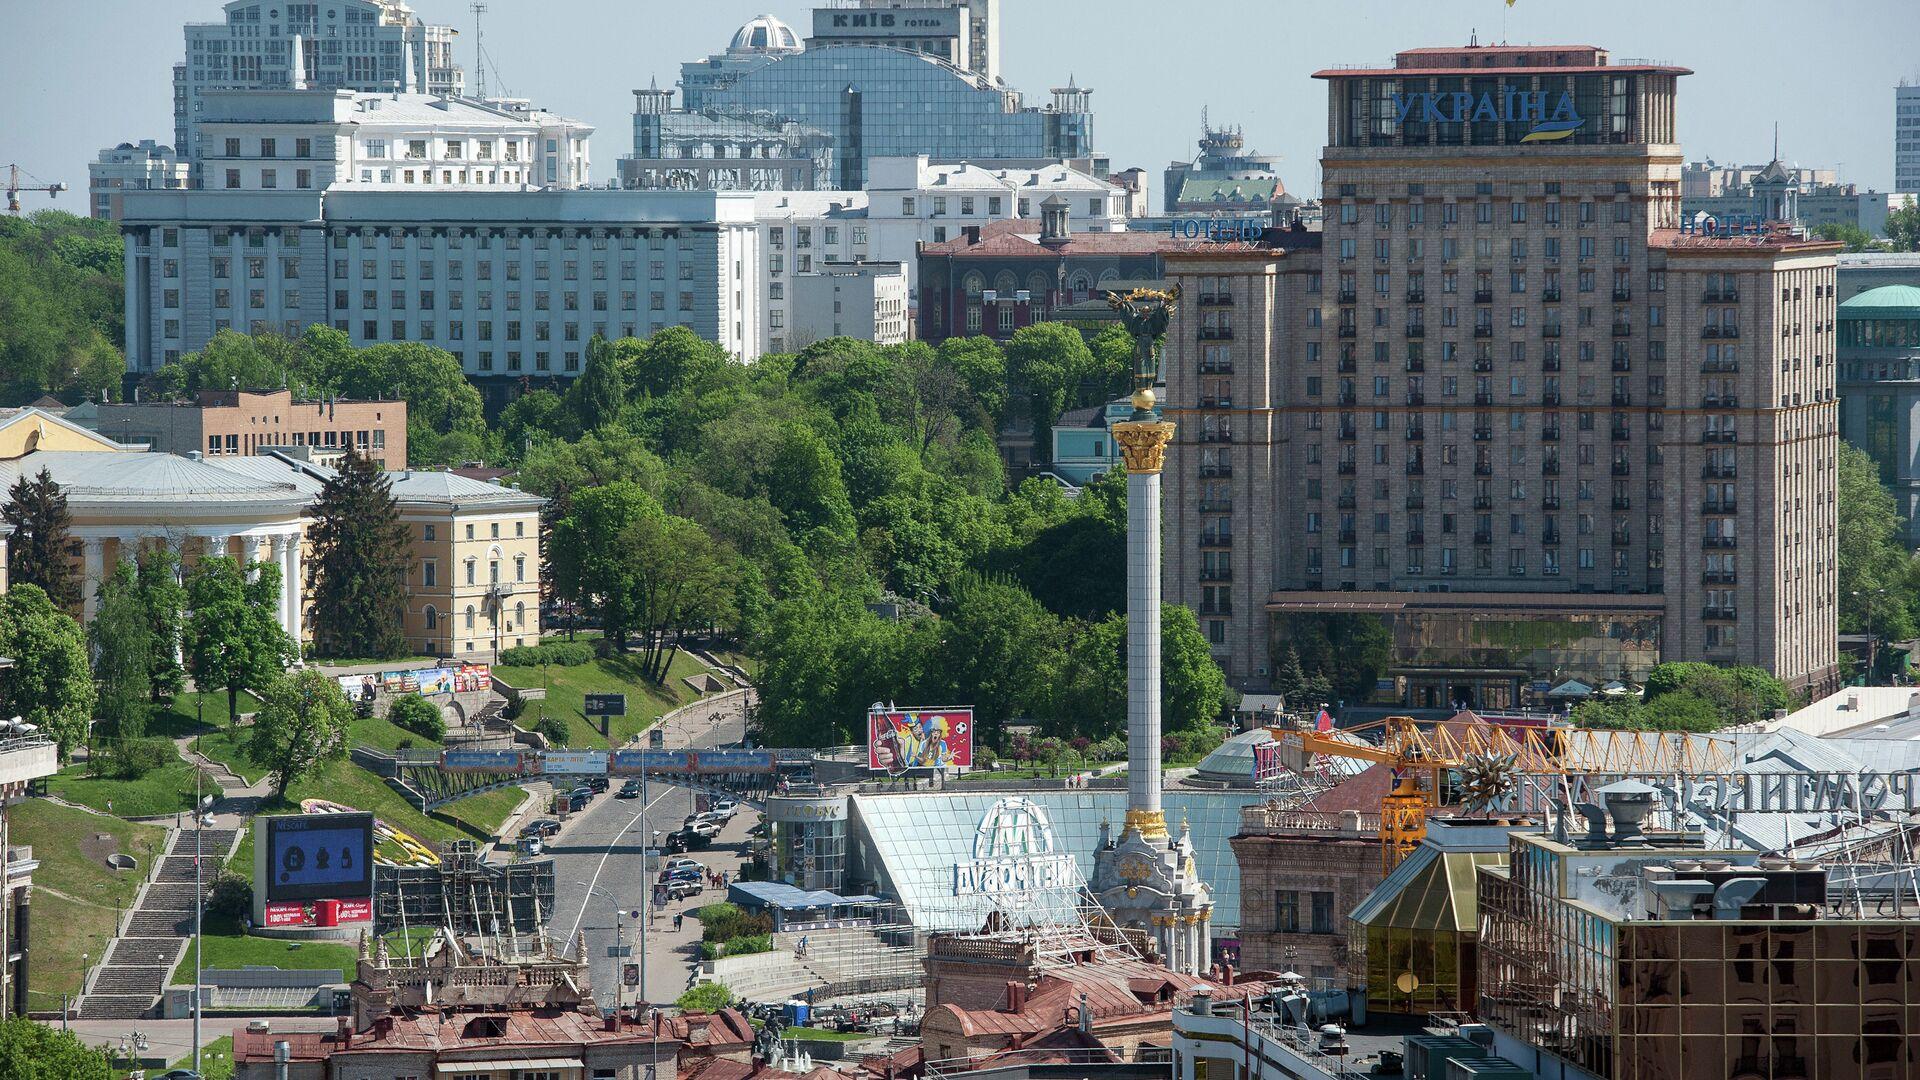 Вид на площадь Независимости в Киеве - РИА Новости, 1920, 10.03.2021